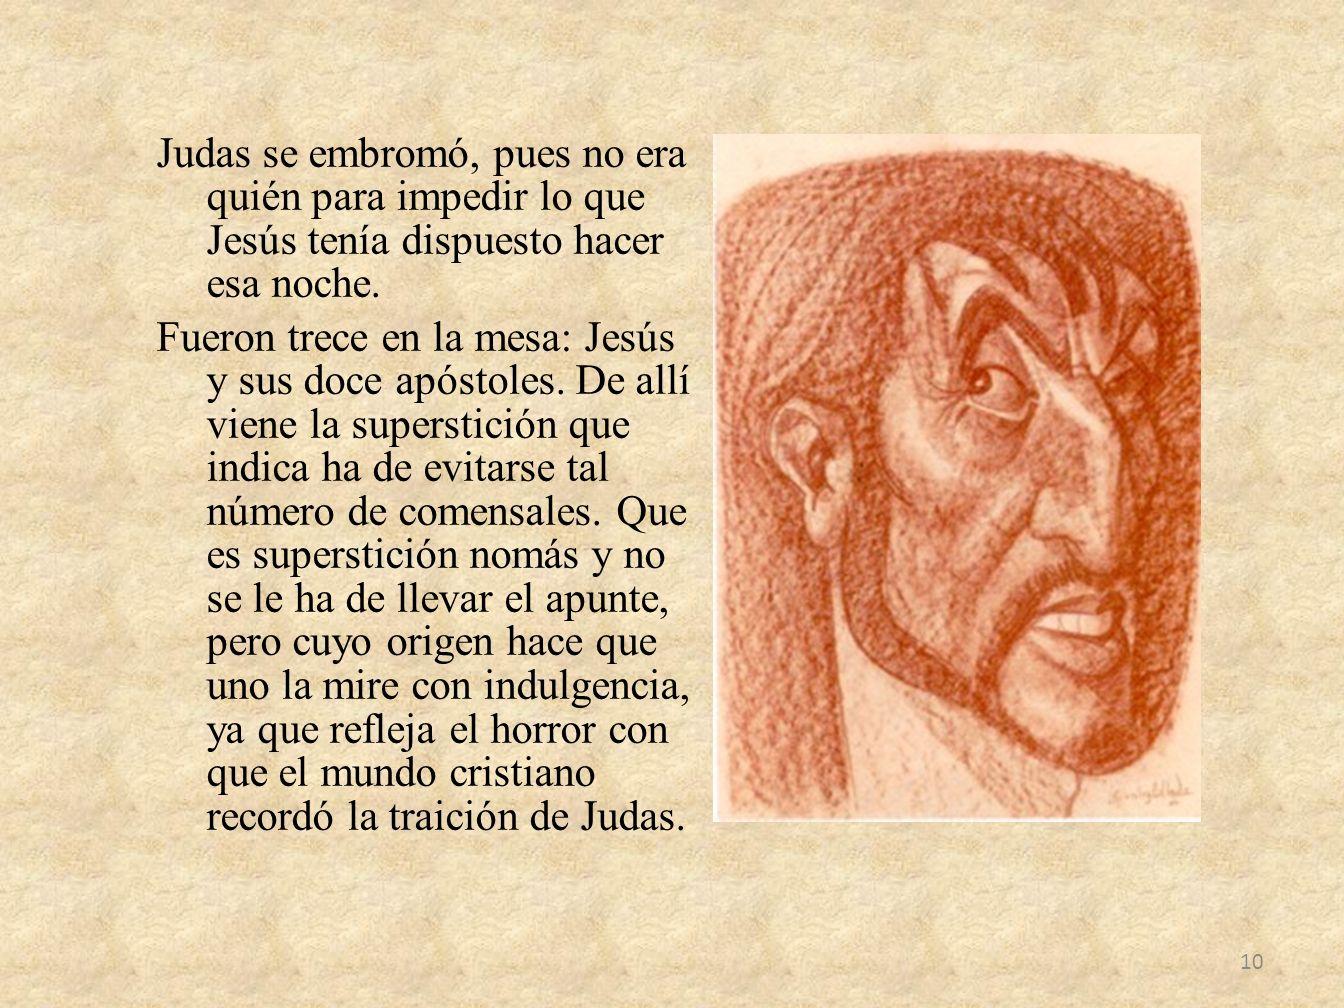 Judas se embromó, pues no era quién para impedir lo que Jesús tenía dispuesto hacer esa noche. Fueron trece en la mesa: Jesús y sus doce apóstoles. De